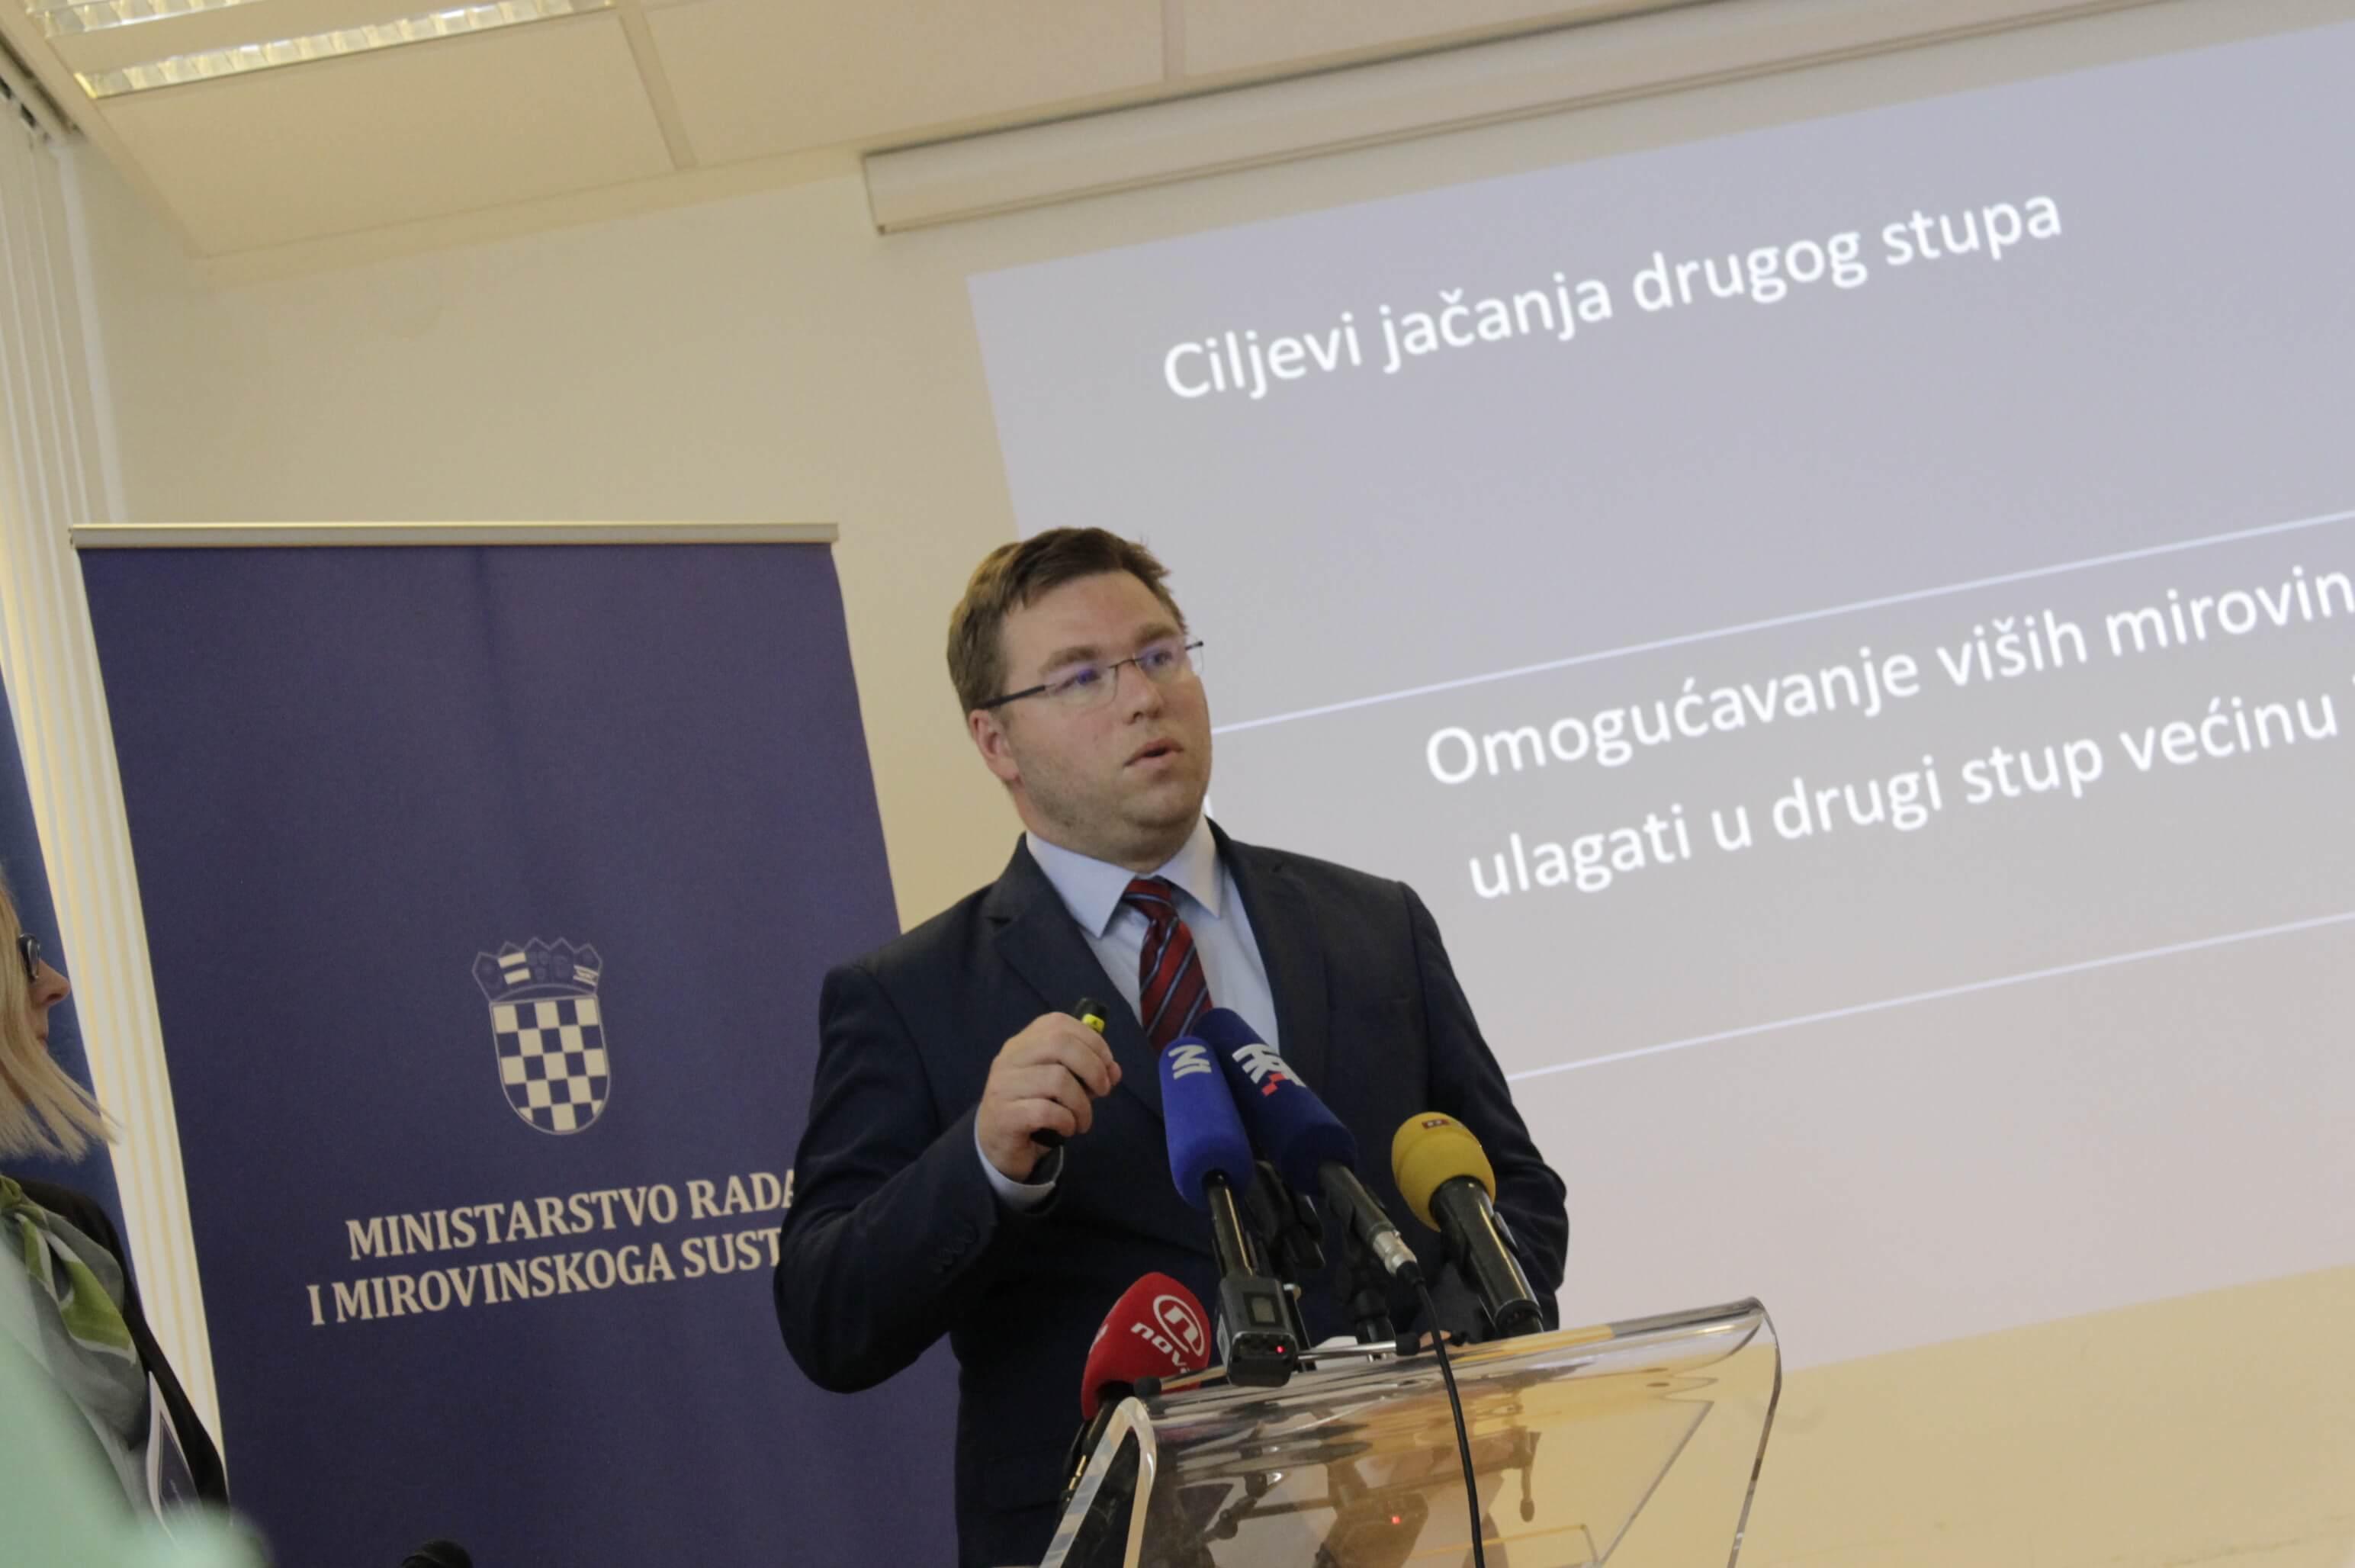 Ministra Pavića nakon godišnjeg čeka nova rasprava o dodatku na mirovine